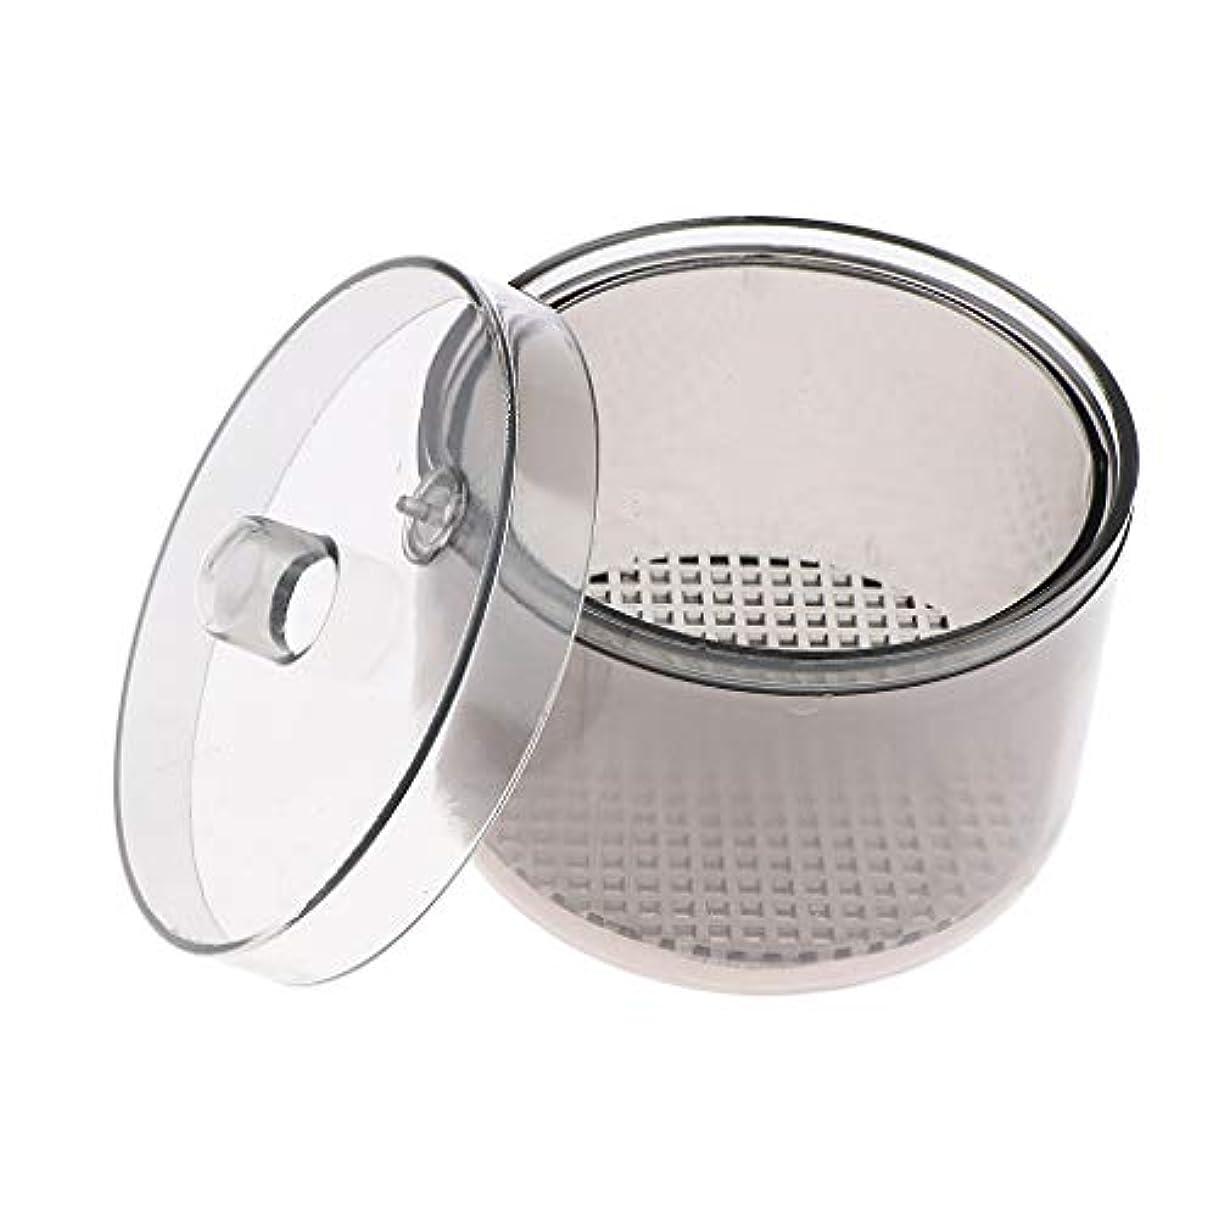 報復強制的甘美なT TOOYFUL 消毒カップ マニキュアツール 滅菌容器 消毒ジャー 丸型 軽量 コンパクト 持ち運び便利 耐高温性